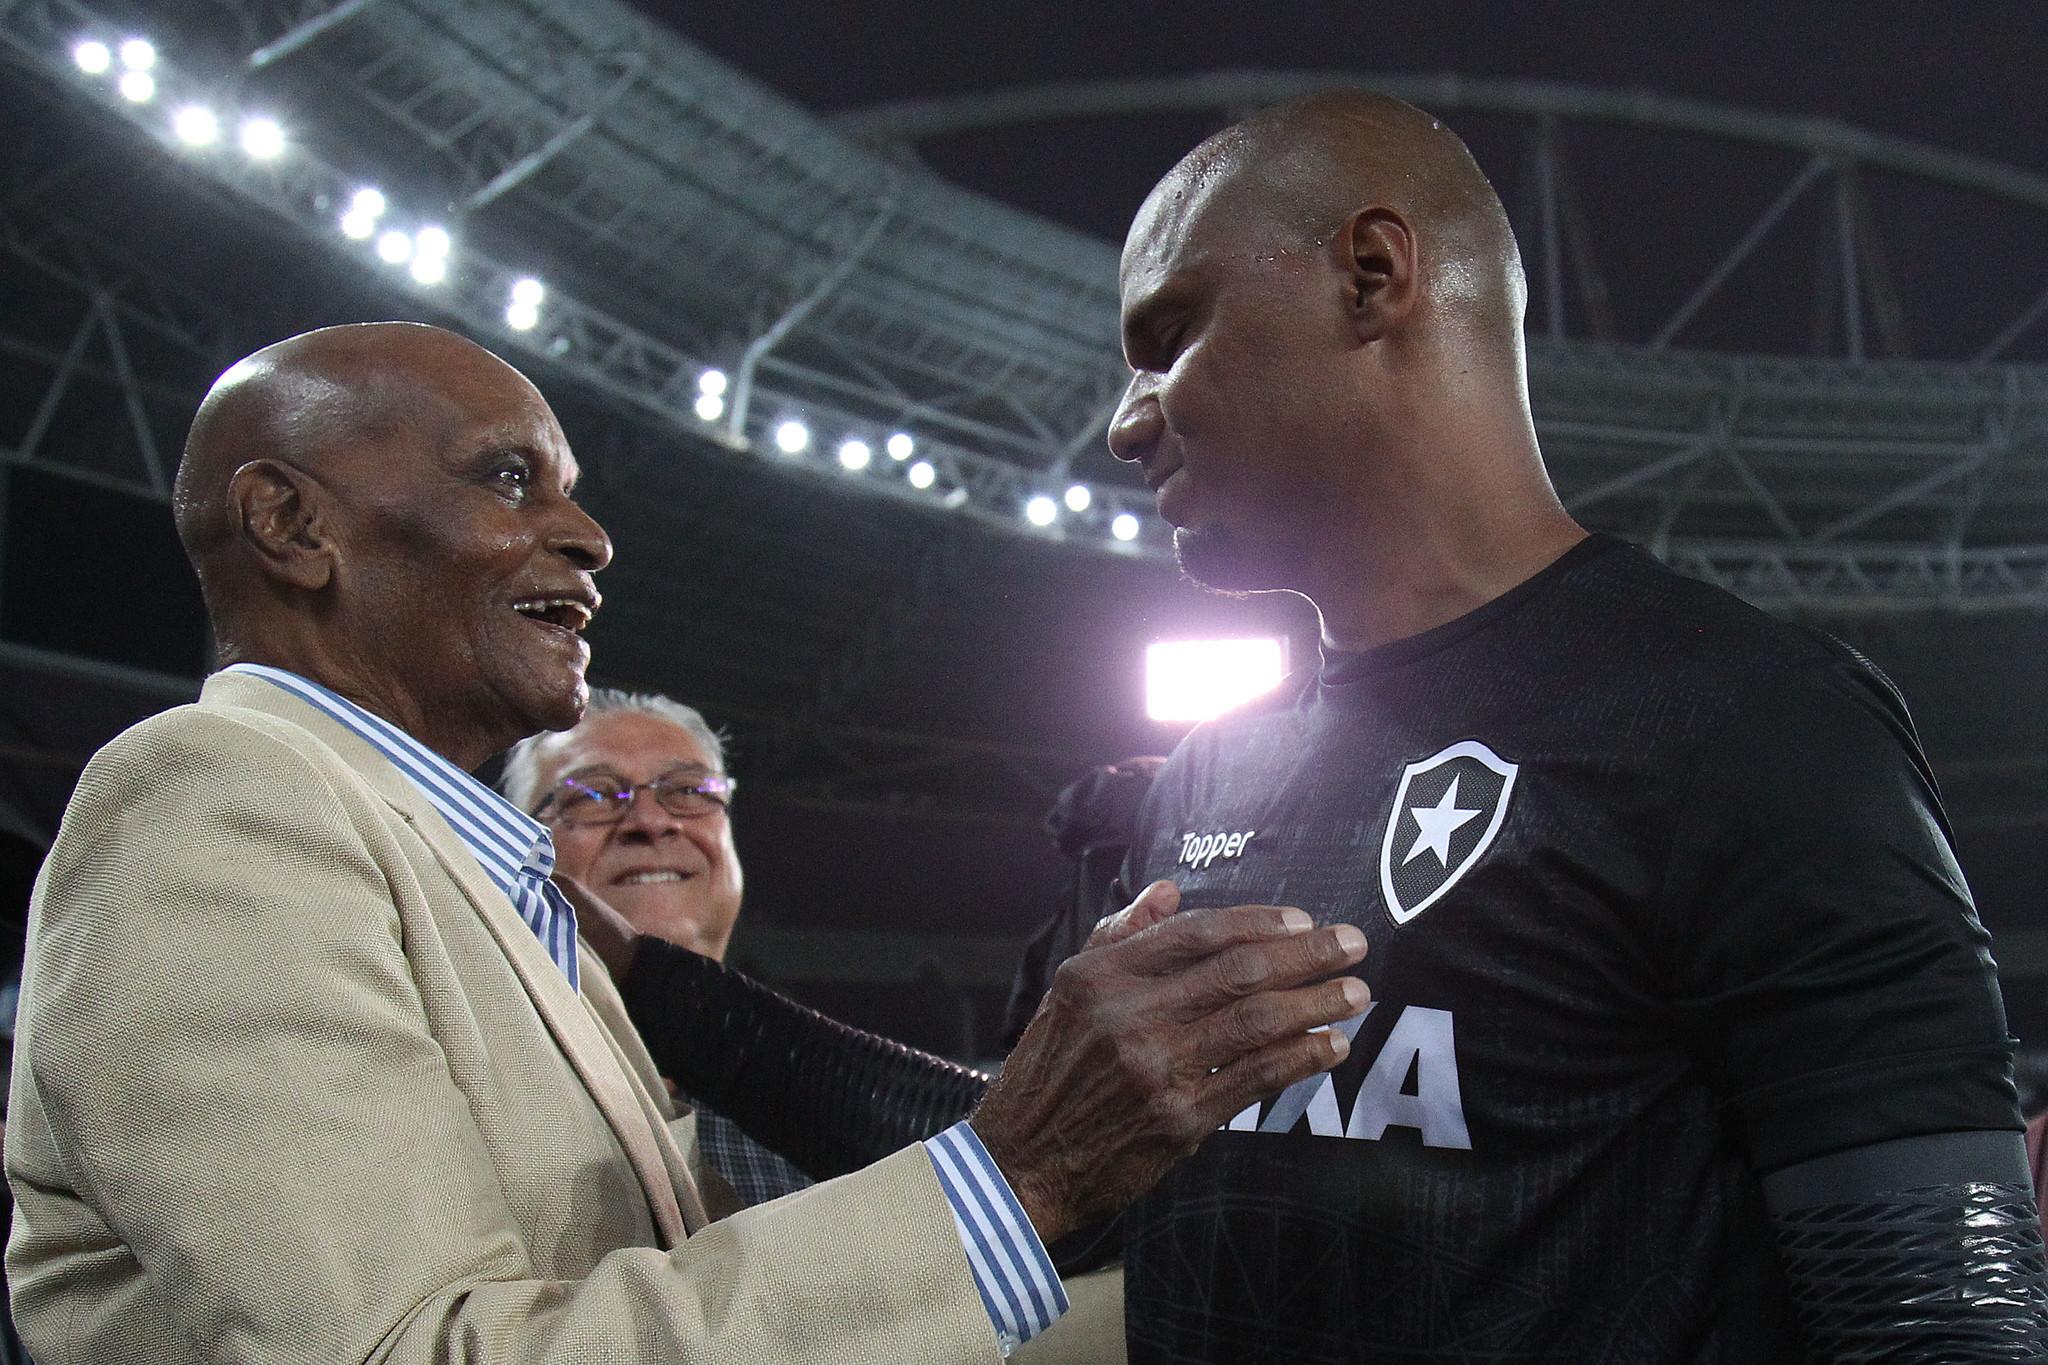 Morre ex-goleiro que fez história no Botafogo